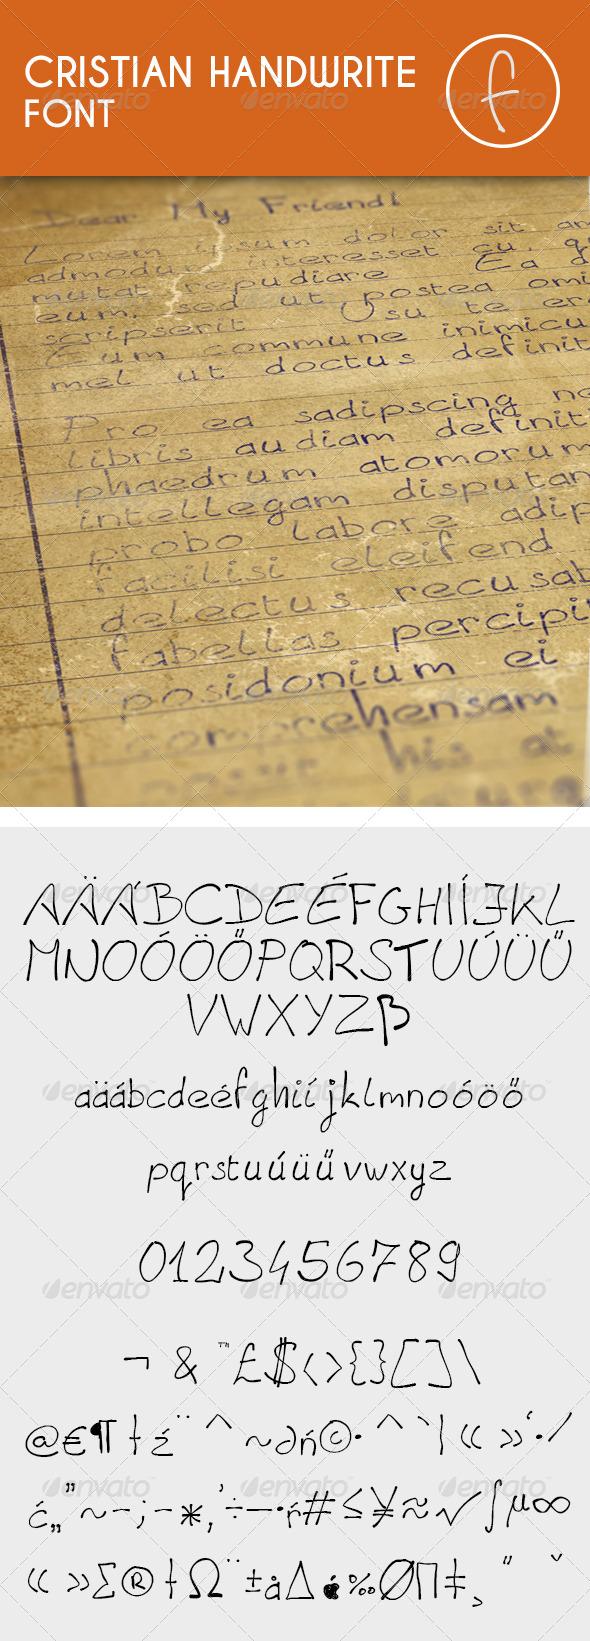 GraphicRiver Cristian Handwrite Font 7614887